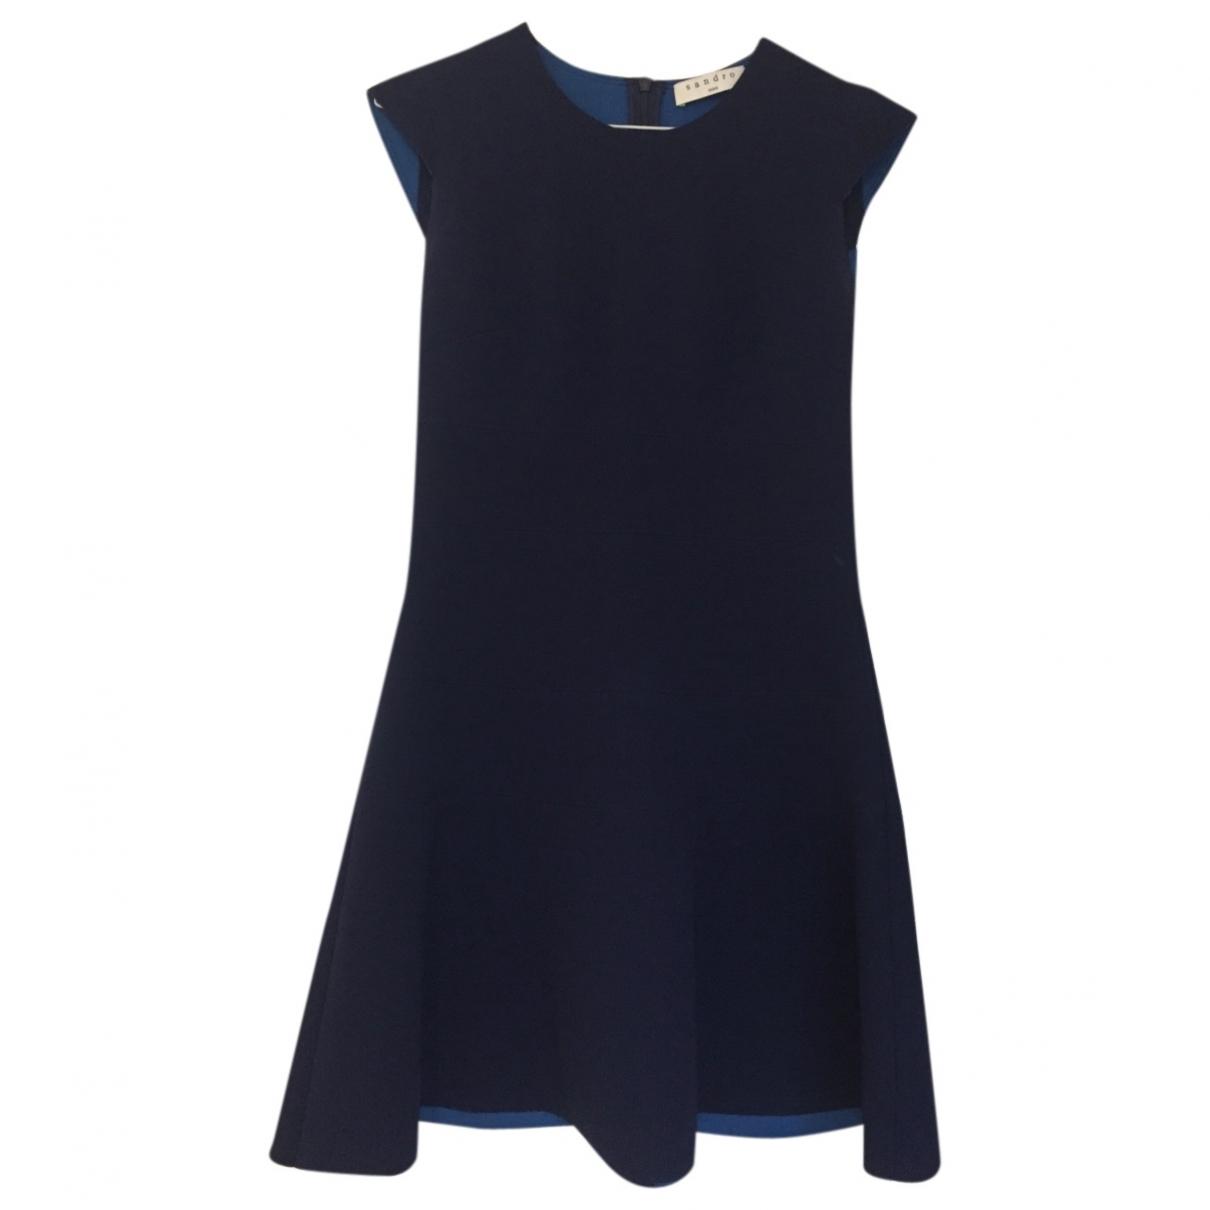 Sandro \N Navy dress for Women 1 0-5